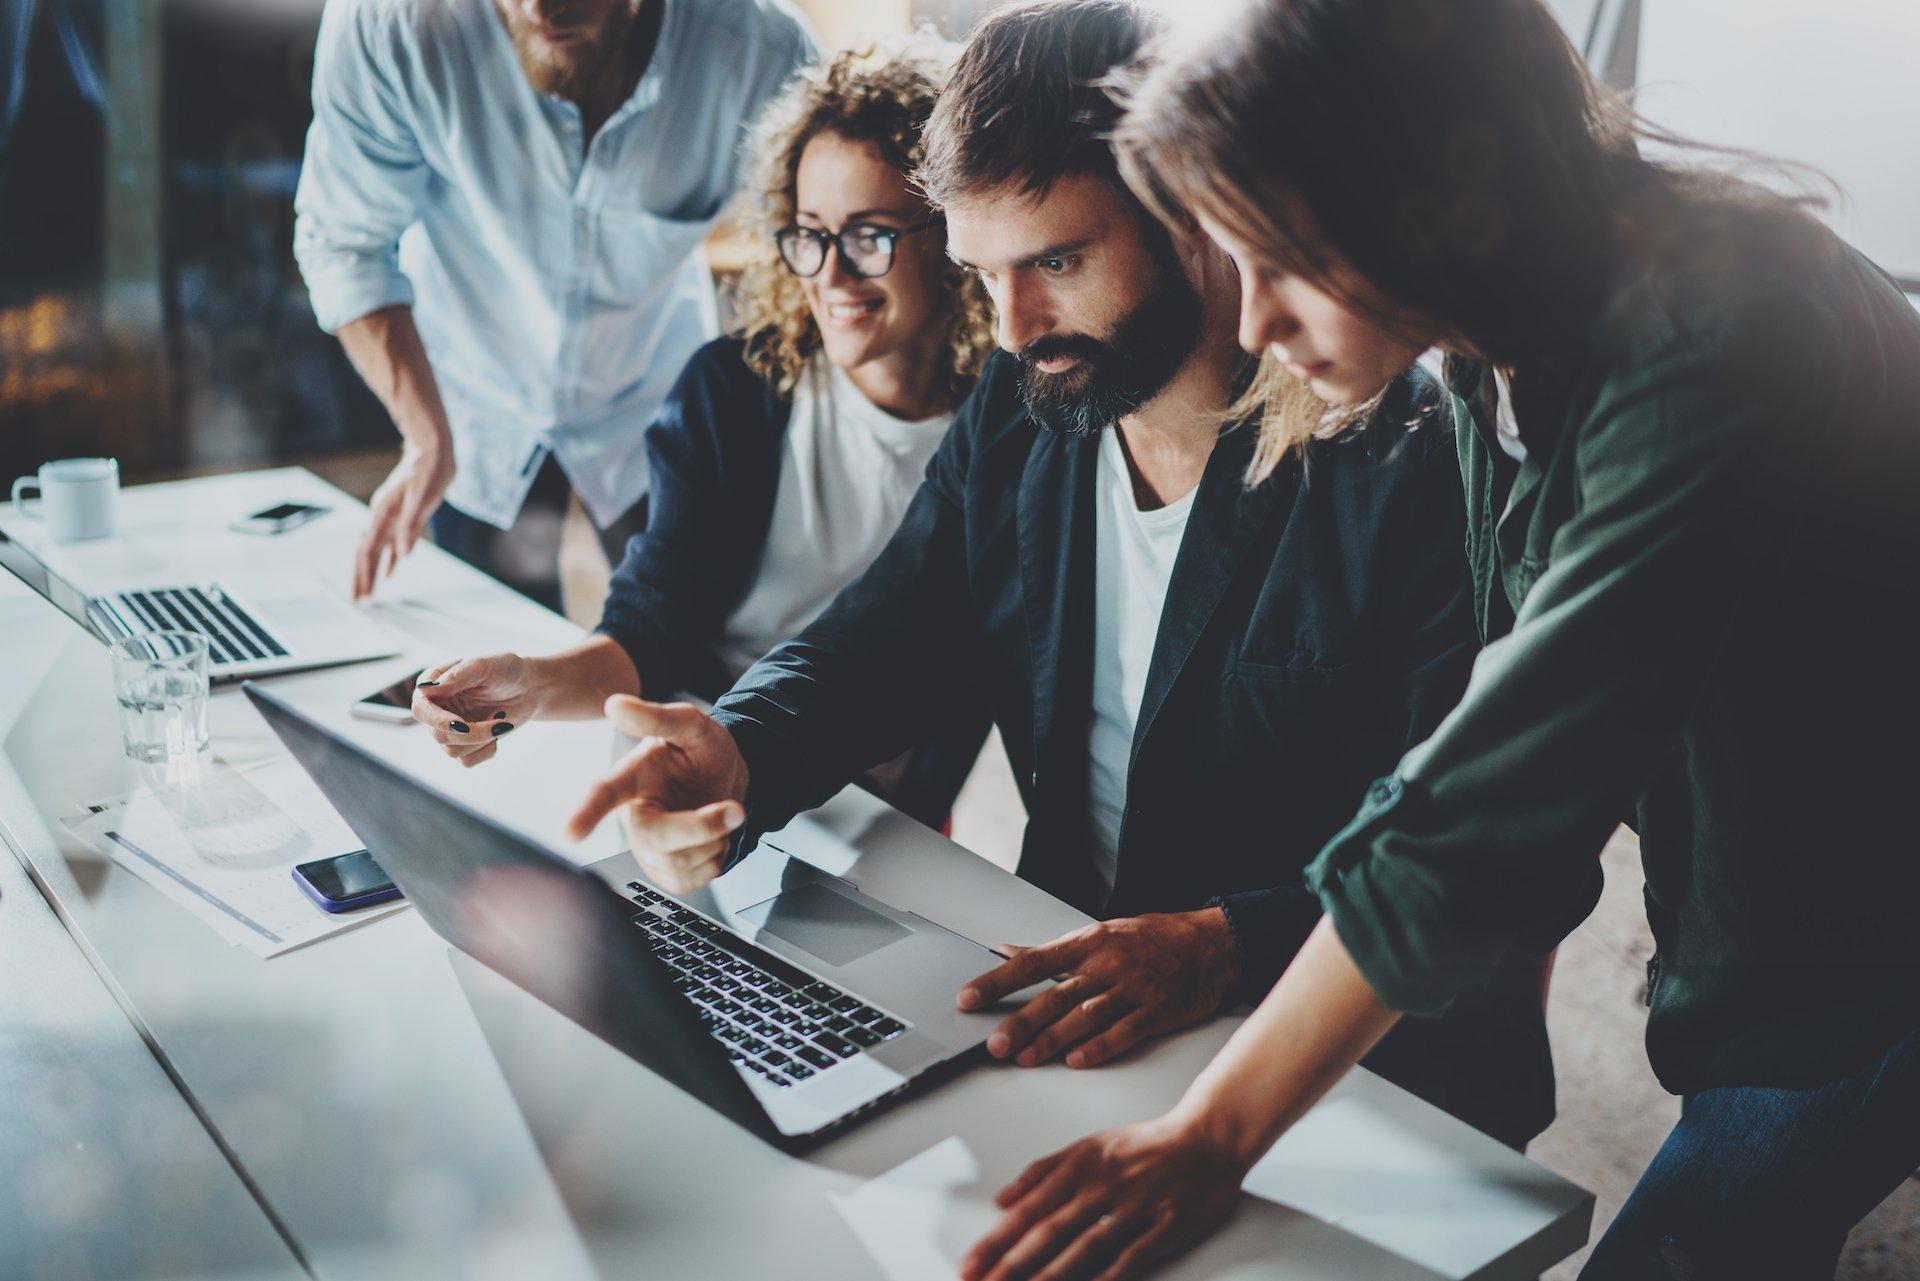 Grupp av människor som arbetar tillsammans på en laptop